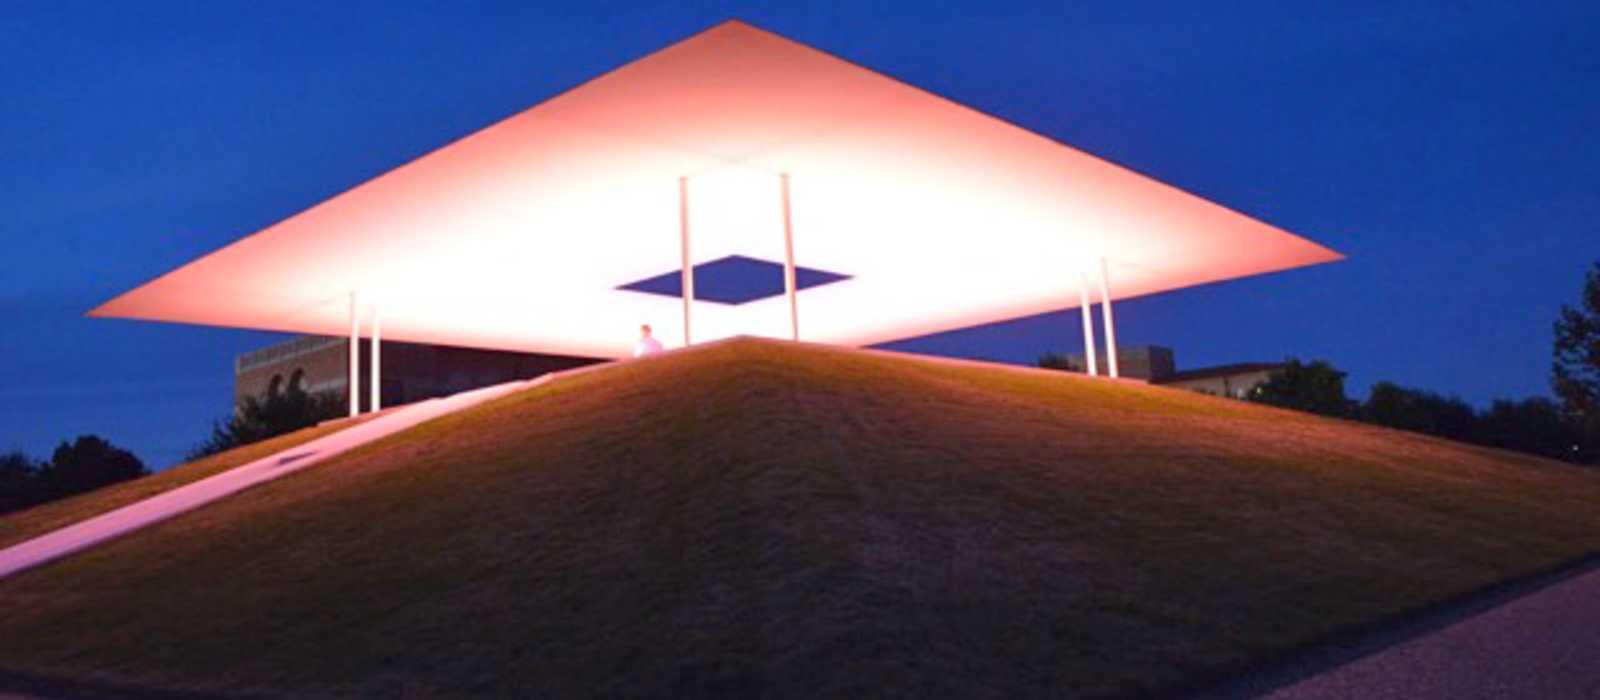 Lichterspiel im Skyplace der Rice University